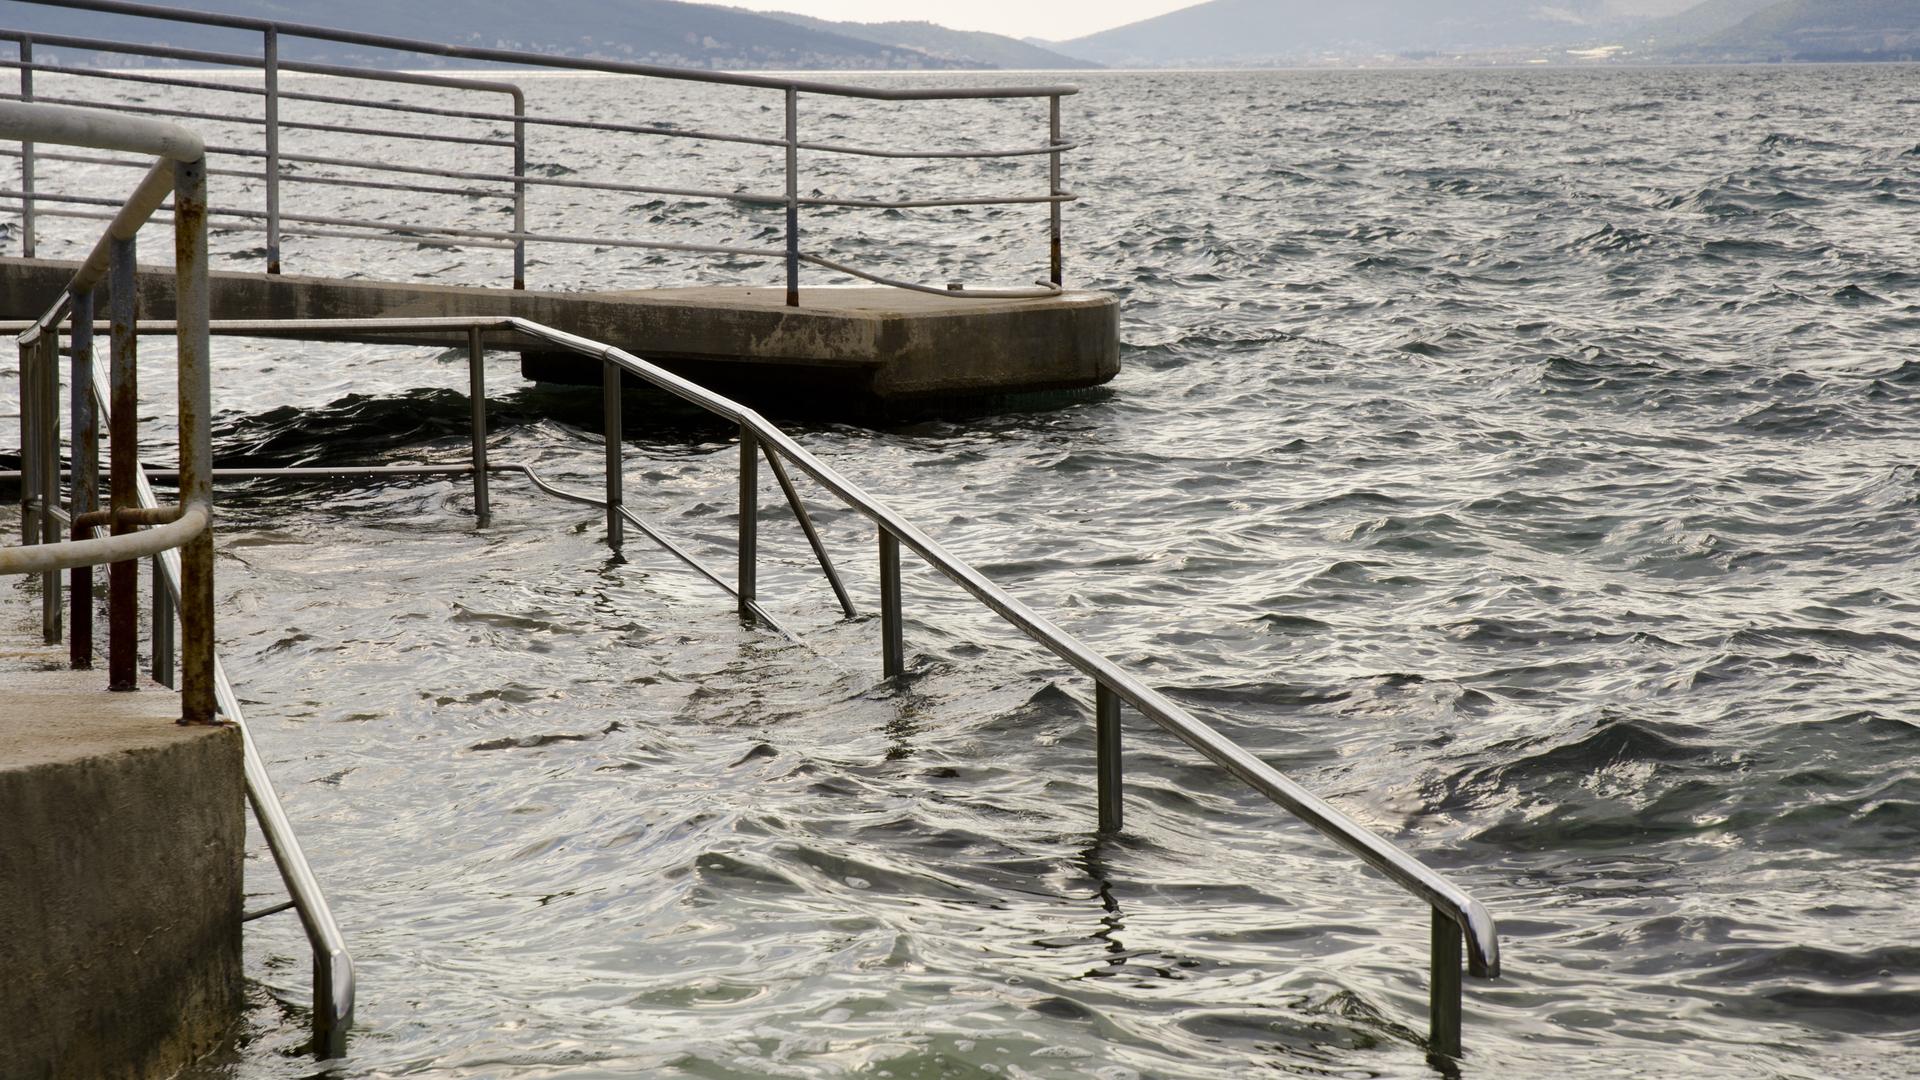 ¿Cómo nos afectará la subida del nivel del mar?